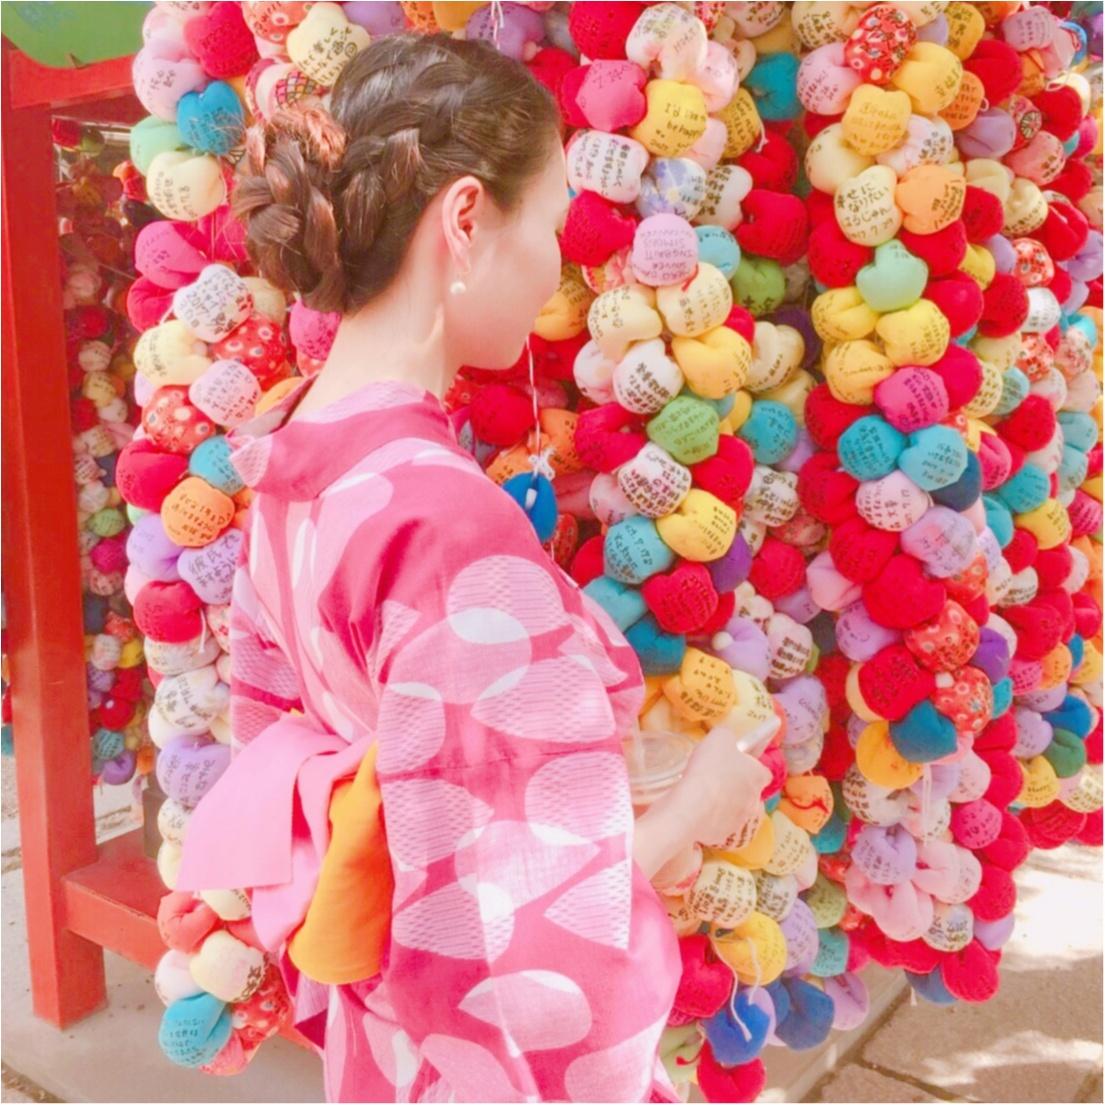 京都女子旅特集《2019年版》- 旅する女子がおすすめする、インスタ映えスポットやカフェ、レンタル着物は?_80